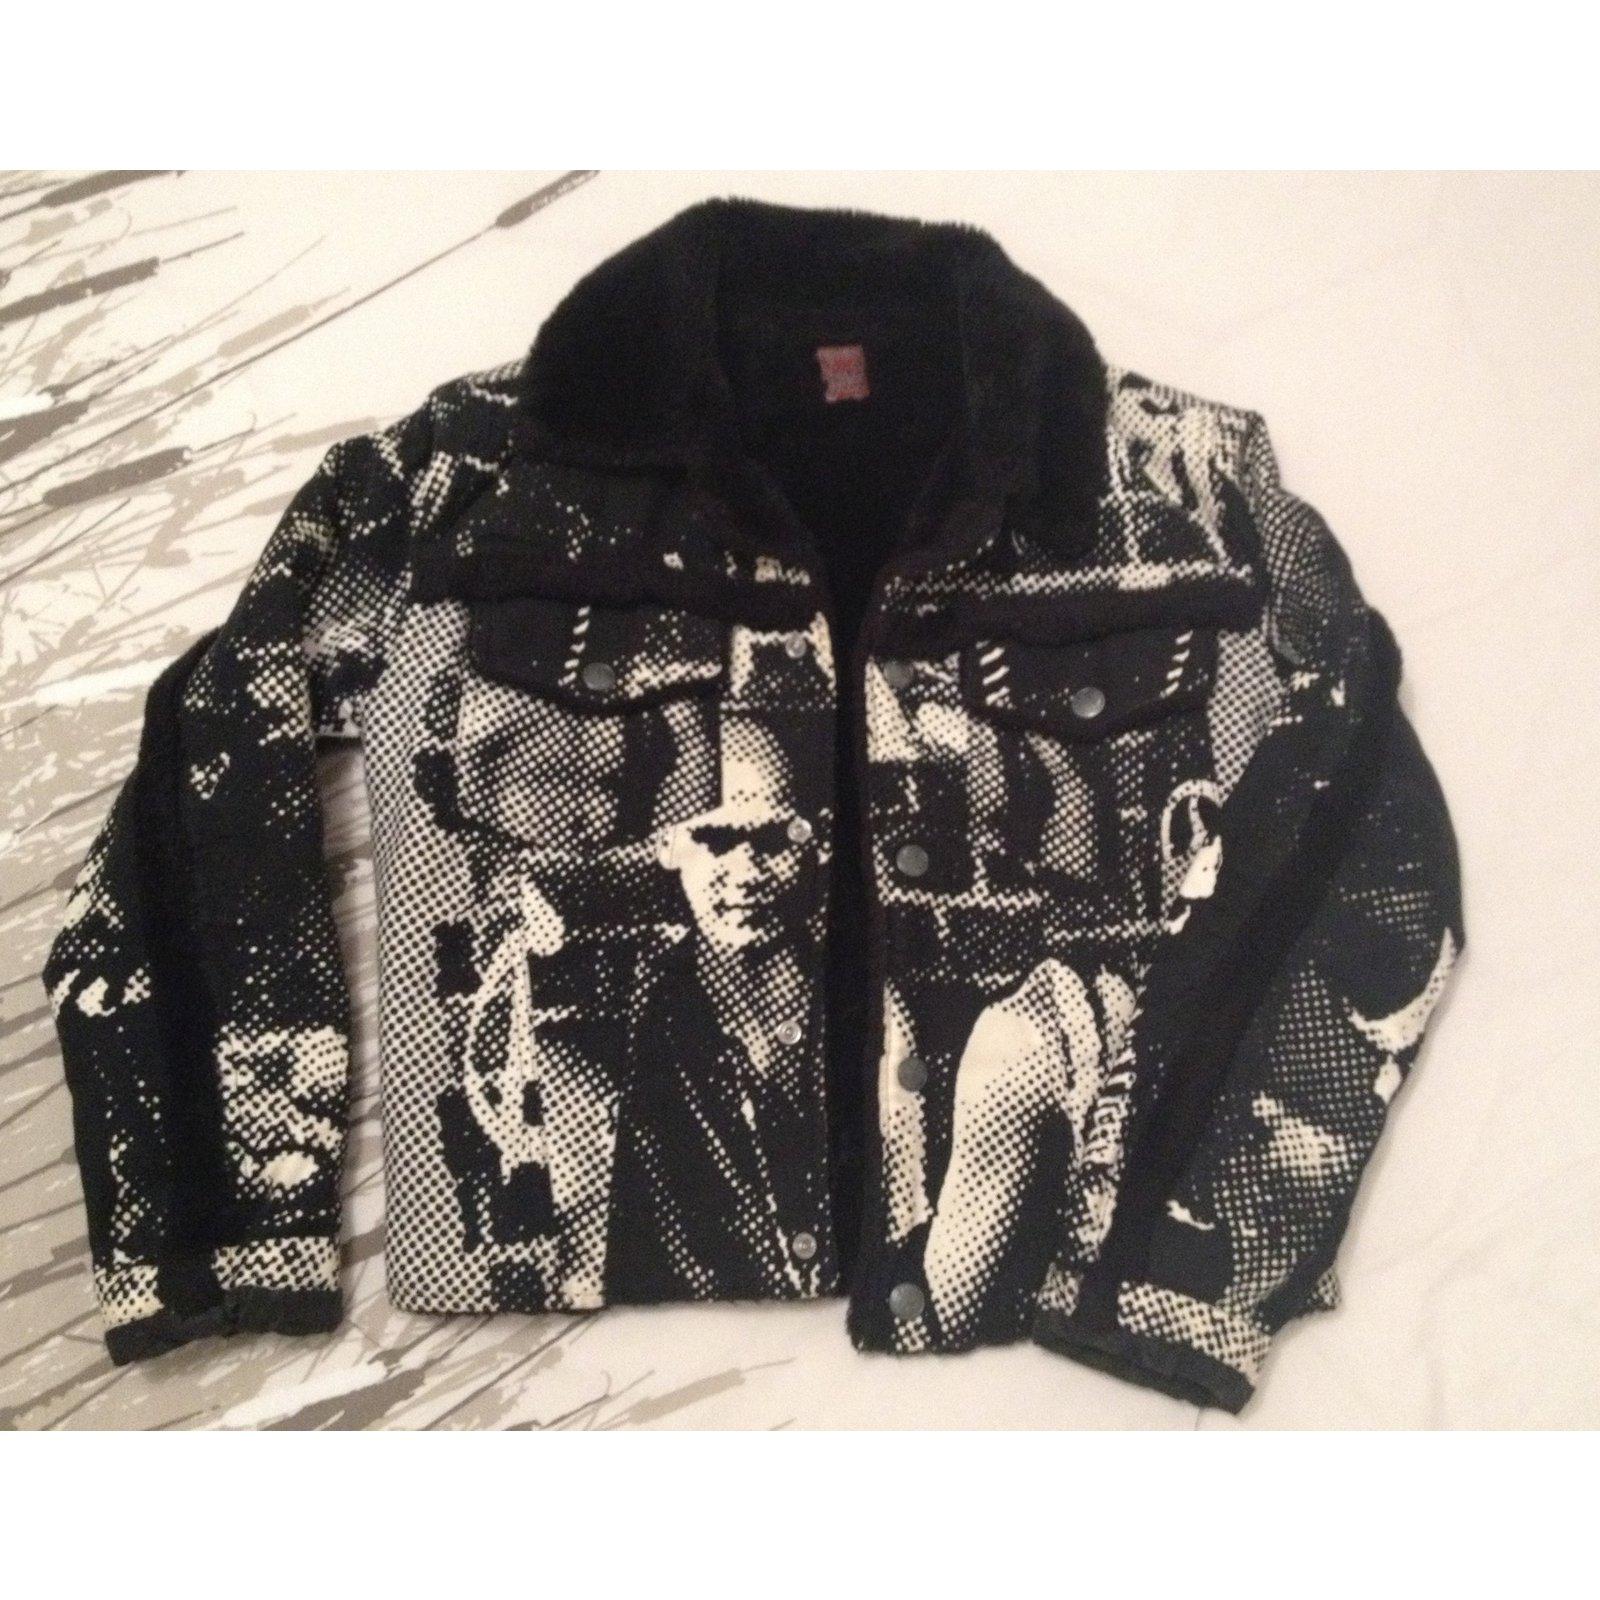 jean paul gaultier vintage jacket fight racism jackets. Black Bedroom Furniture Sets. Home Design Ideas